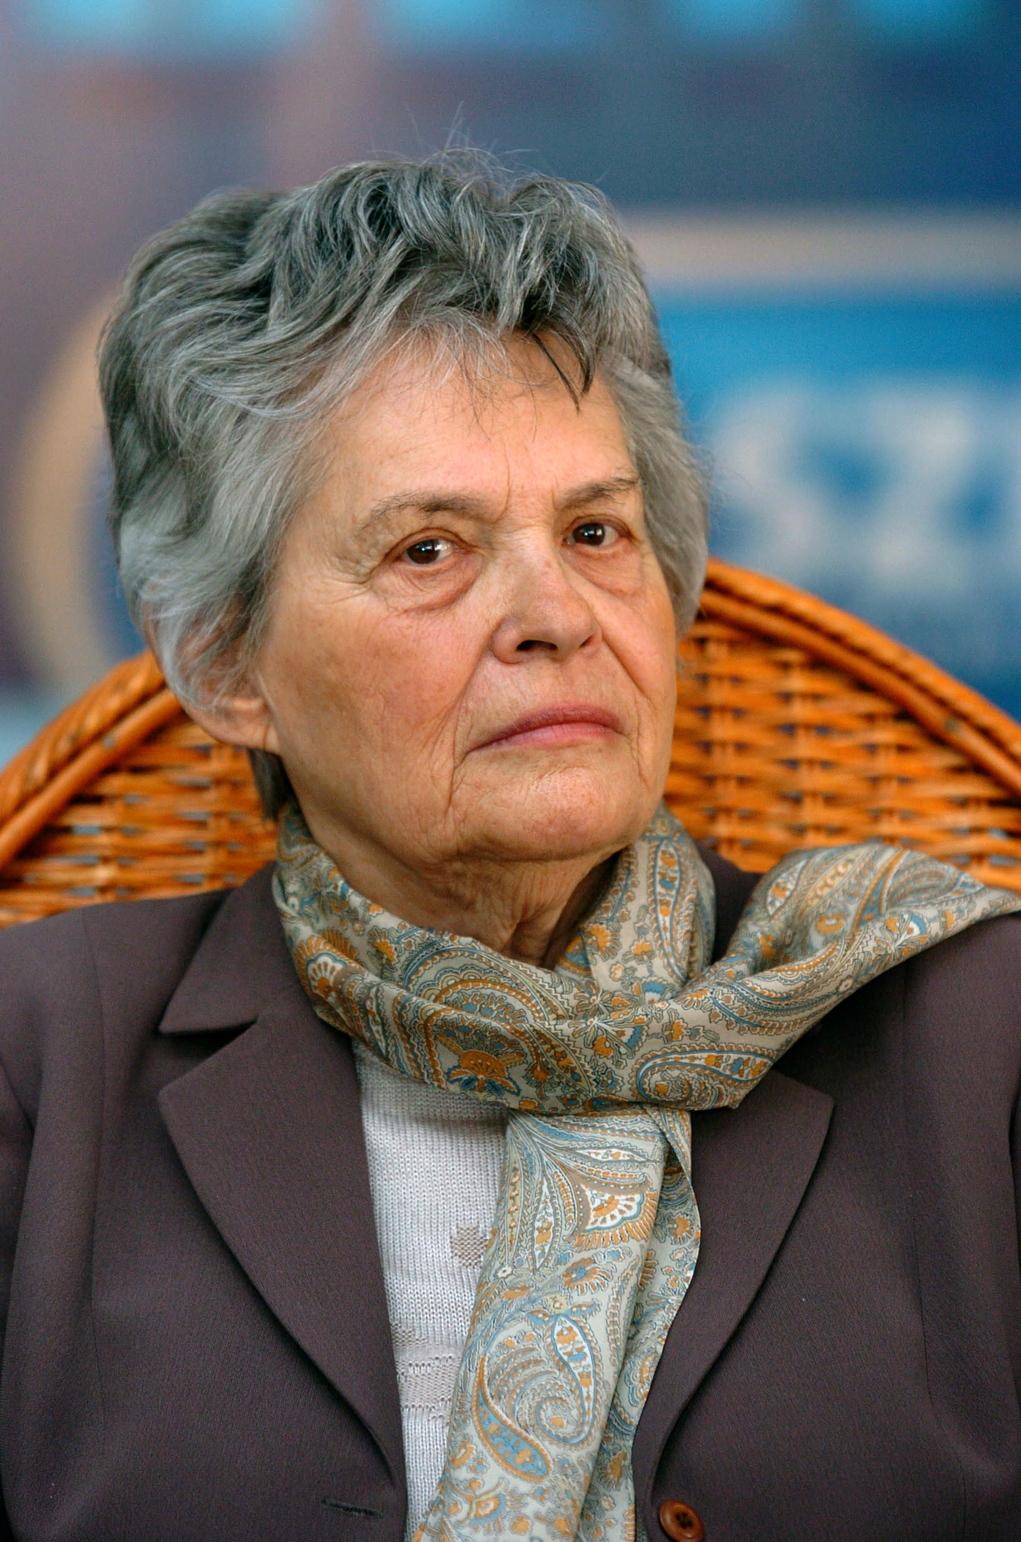 A Szabad Demokraták Szövetségének képviselőnői Polcz Alaine pszichológusnak ítélték a rendszerváltásban nagy szerepet játszó magyar liberális nők számára alapított Vig Monika-díjat. A díjat a párt elnöke adta át a Liberálisok Házában. MTI Fotó: Szigetváry Zsolt